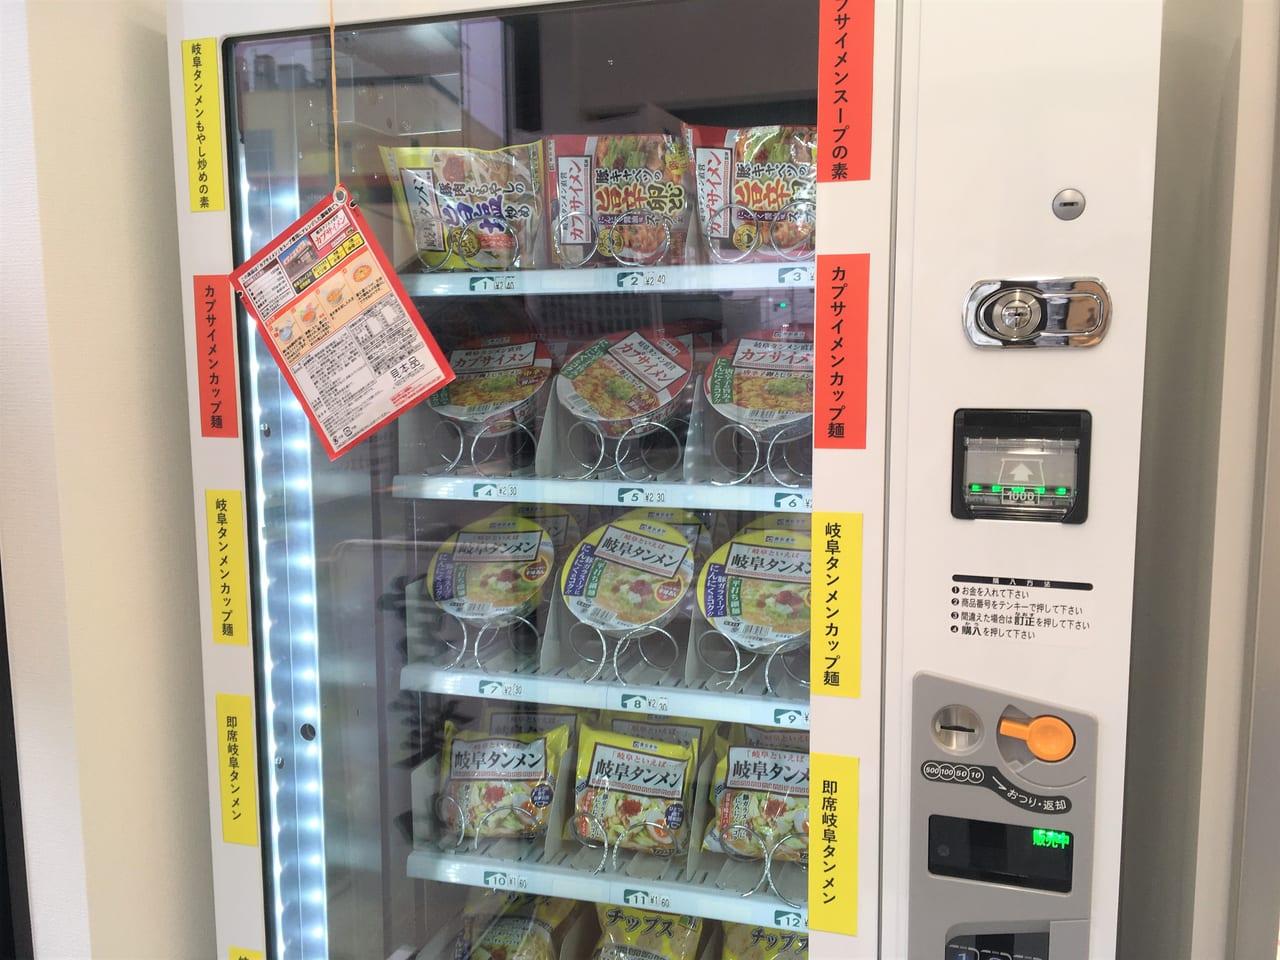 岐阜タンメンの24時間無人餃子販売所 岐阜タンメンチップスが売っているところ